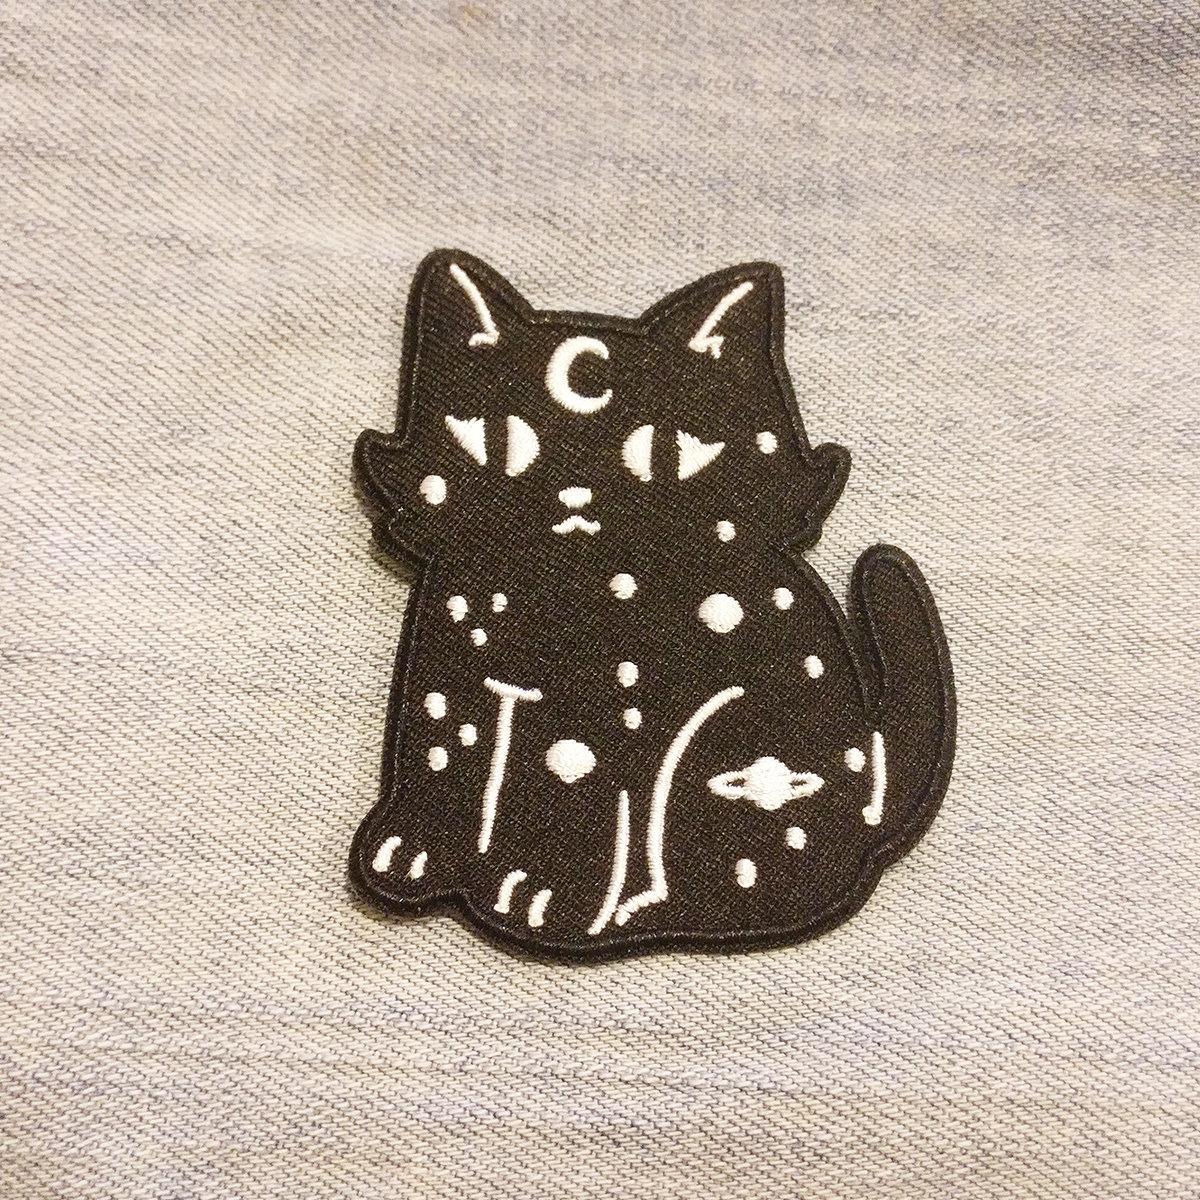 GALAXY CAT PATCH